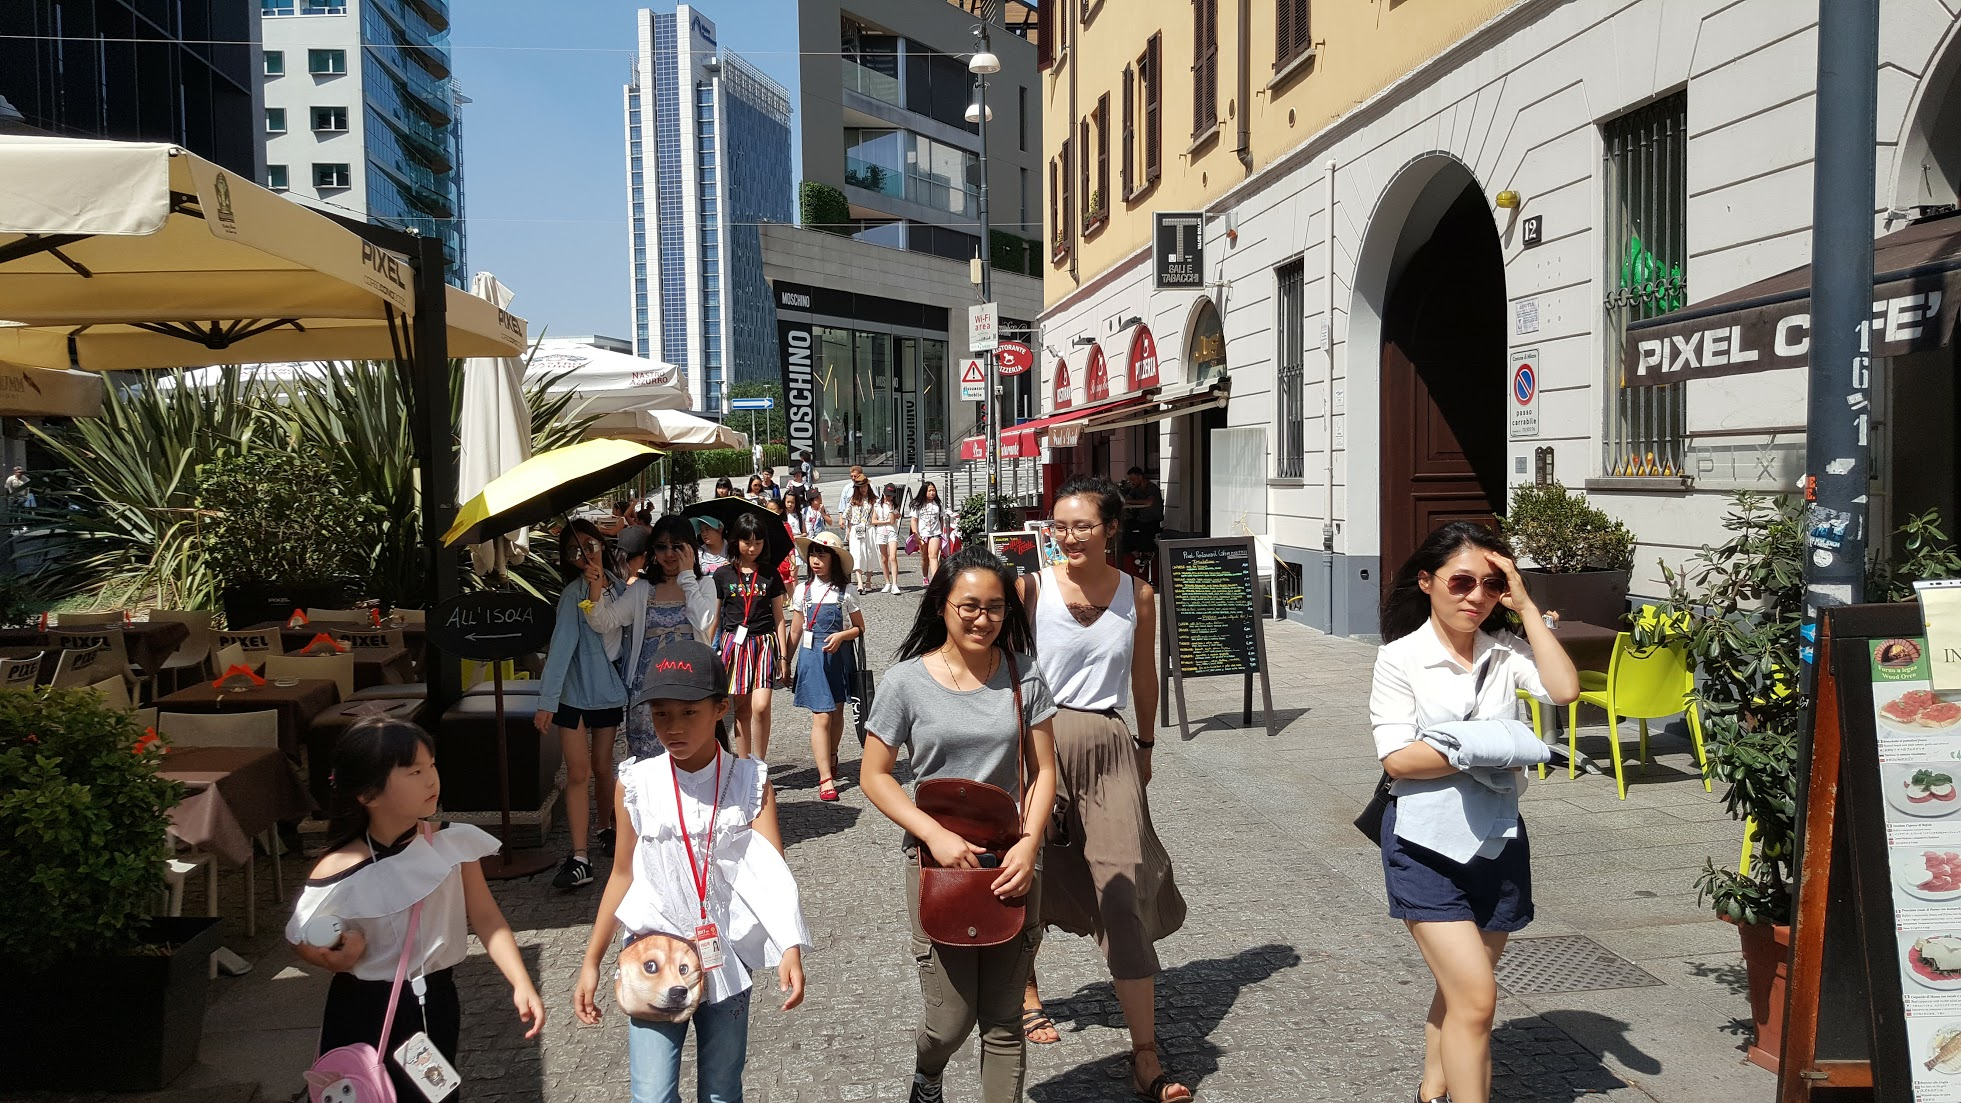 青少年时尚体验米兰意大利